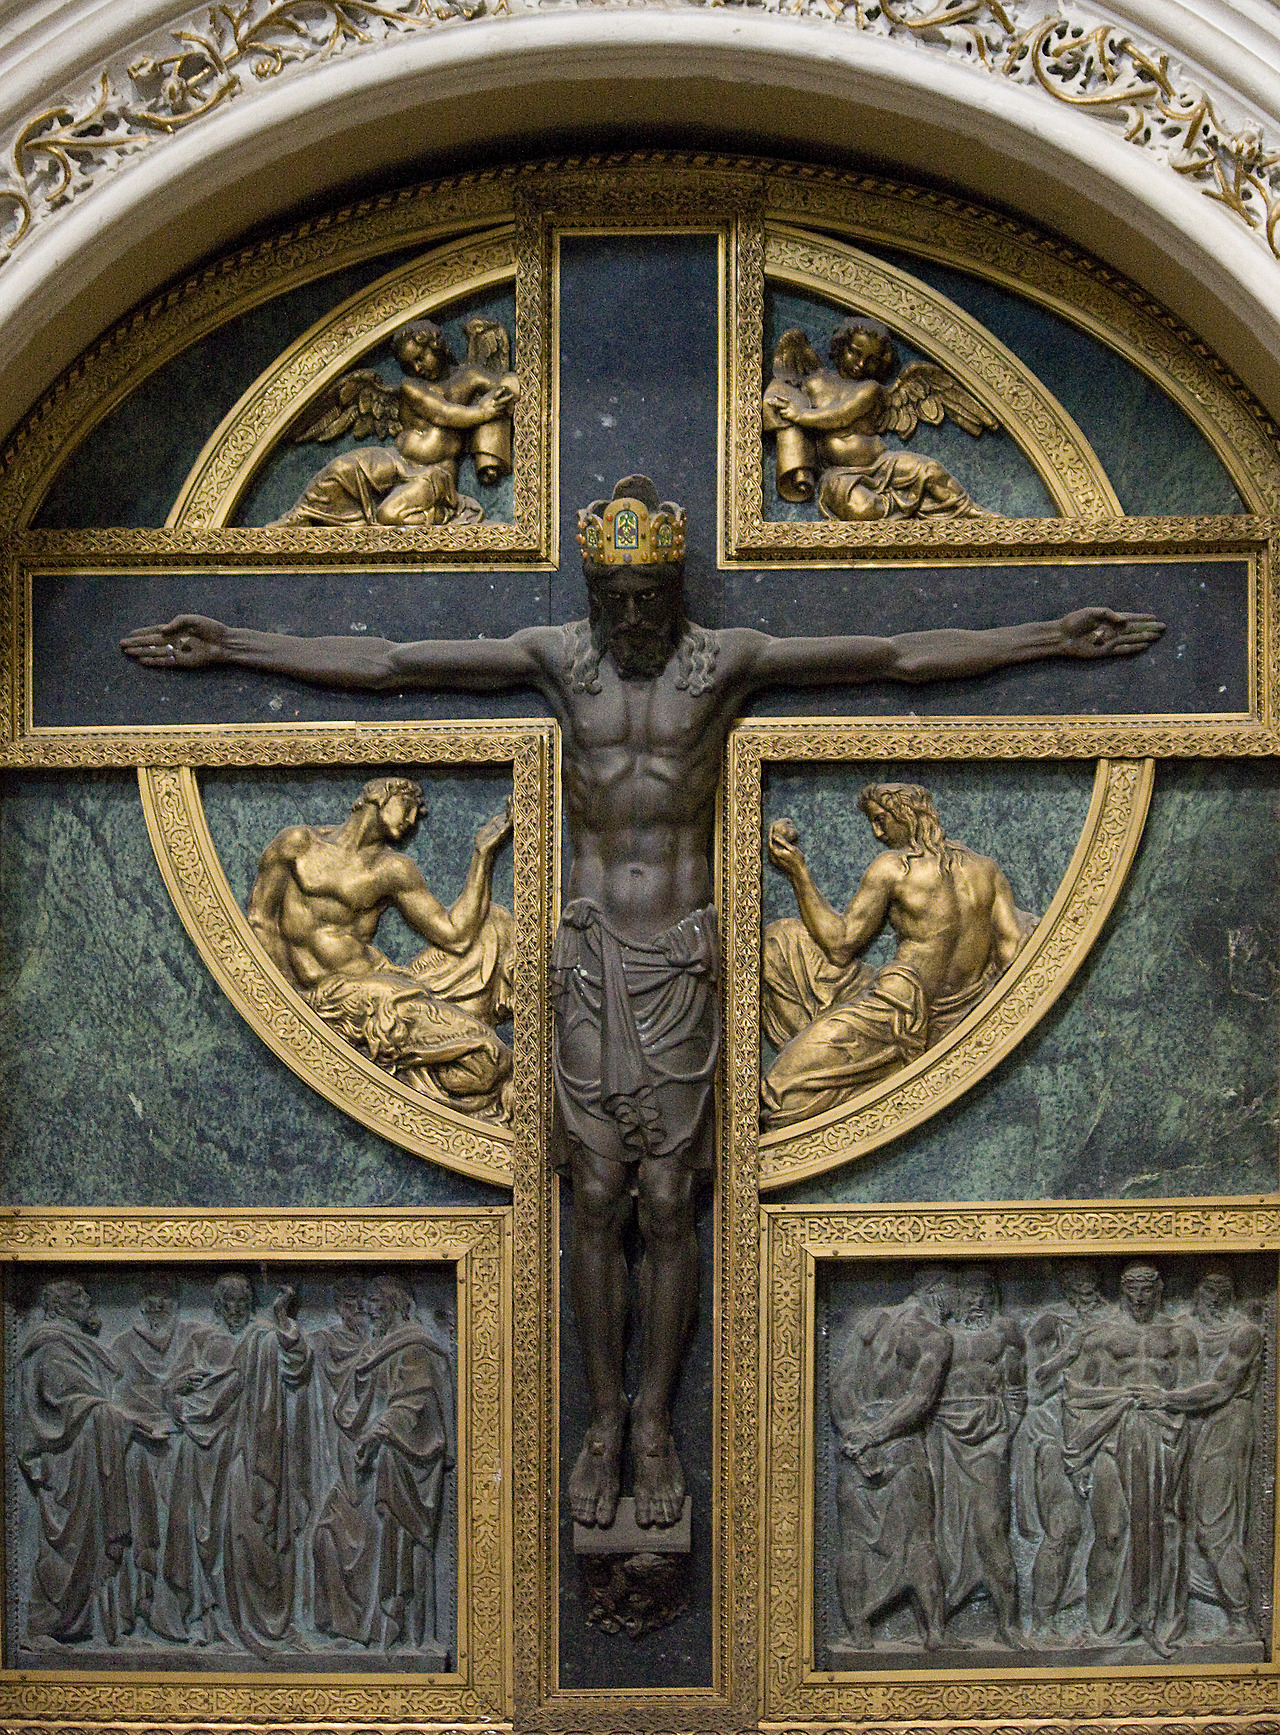 Ecce lignum Crucis in quo salus mundi perpendit